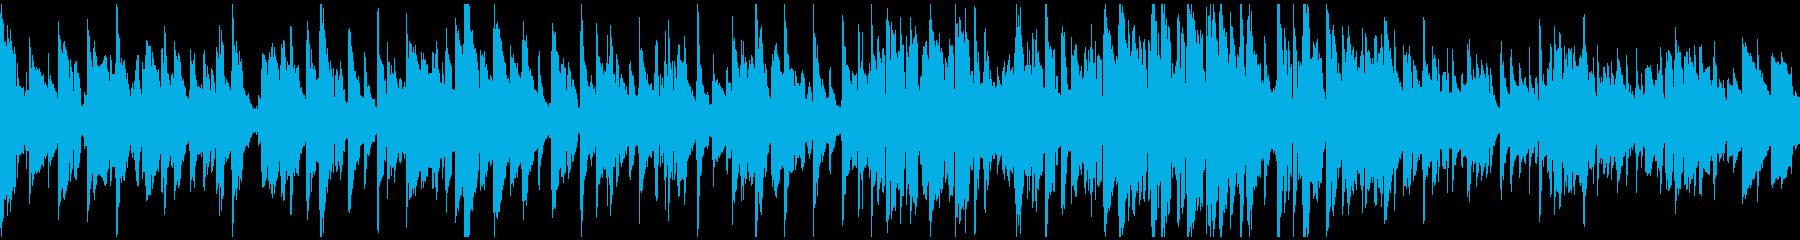 センチメンタルなジャズワルツ ※ループ版の再生済みの波形